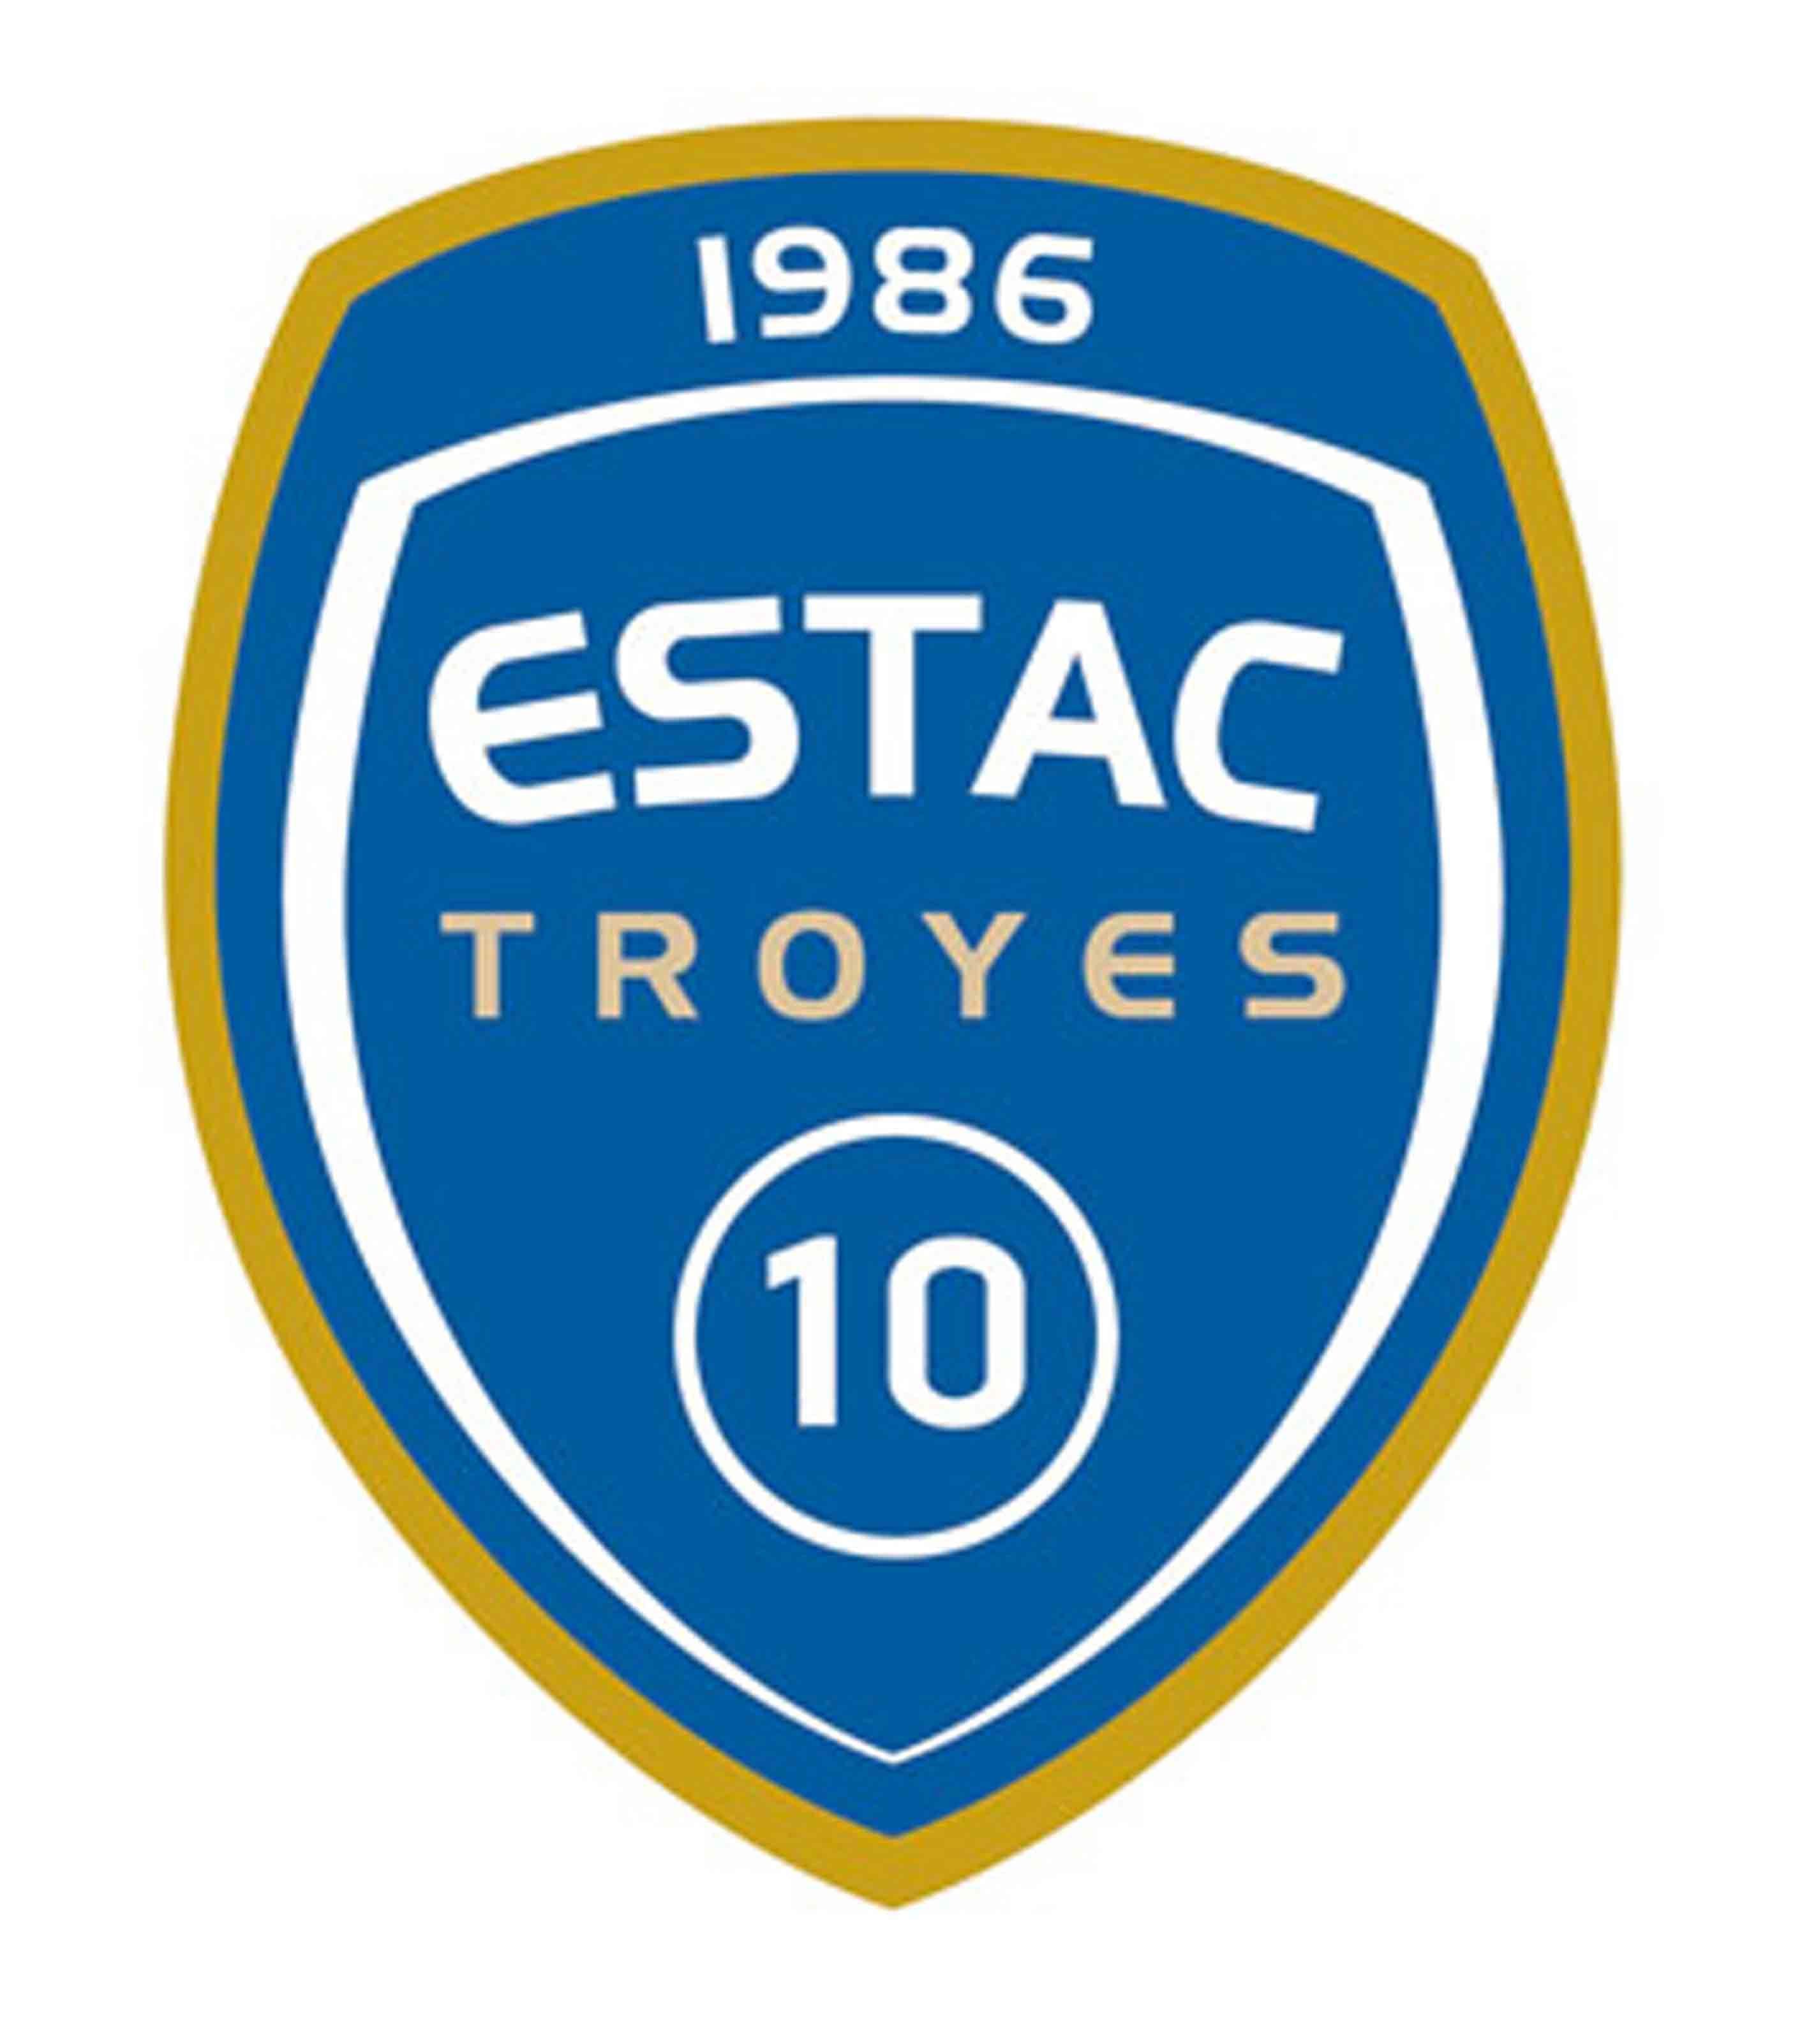 Un jouet (neuf ou en bon état) offert au Secours Populaire = une place gratuite pour le match de football Troyes / Amiens - samedi 16 décembre à 20h (hors secteurs VIP)